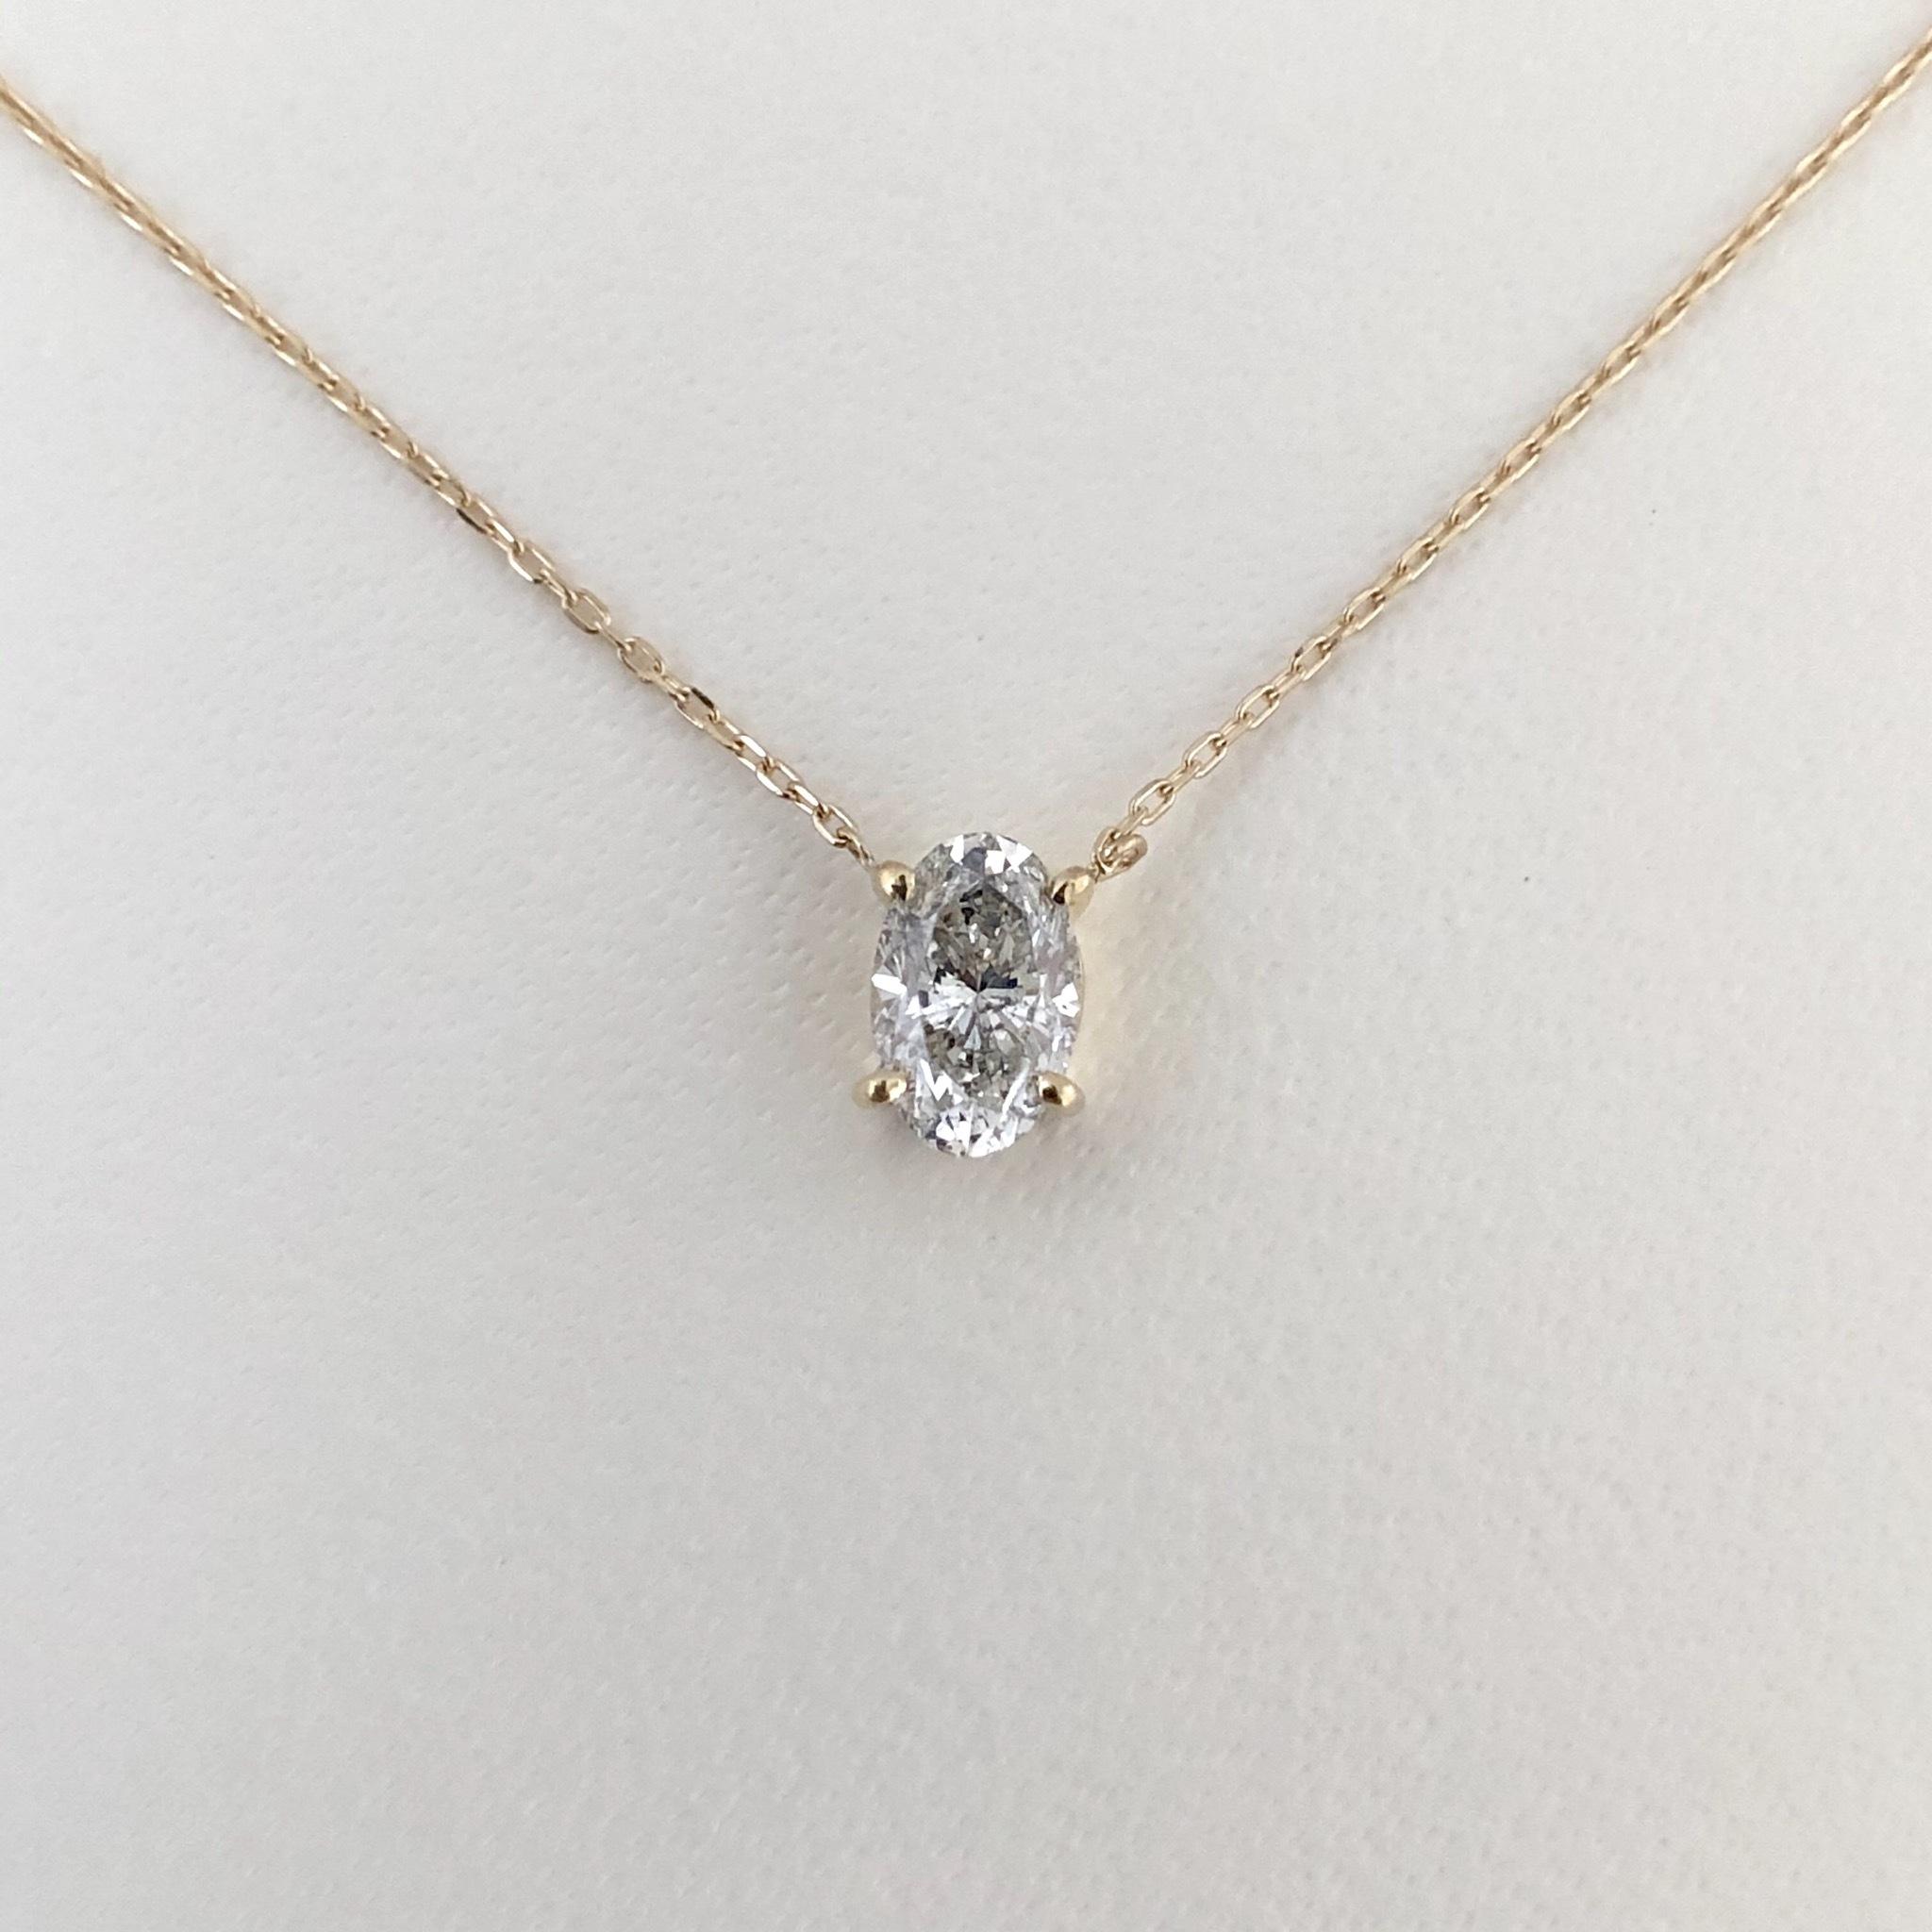 オーバルカット ダイヤモンド  ペンダント 0.539ct K18 イエローゴールド チェカ 鑑別書付